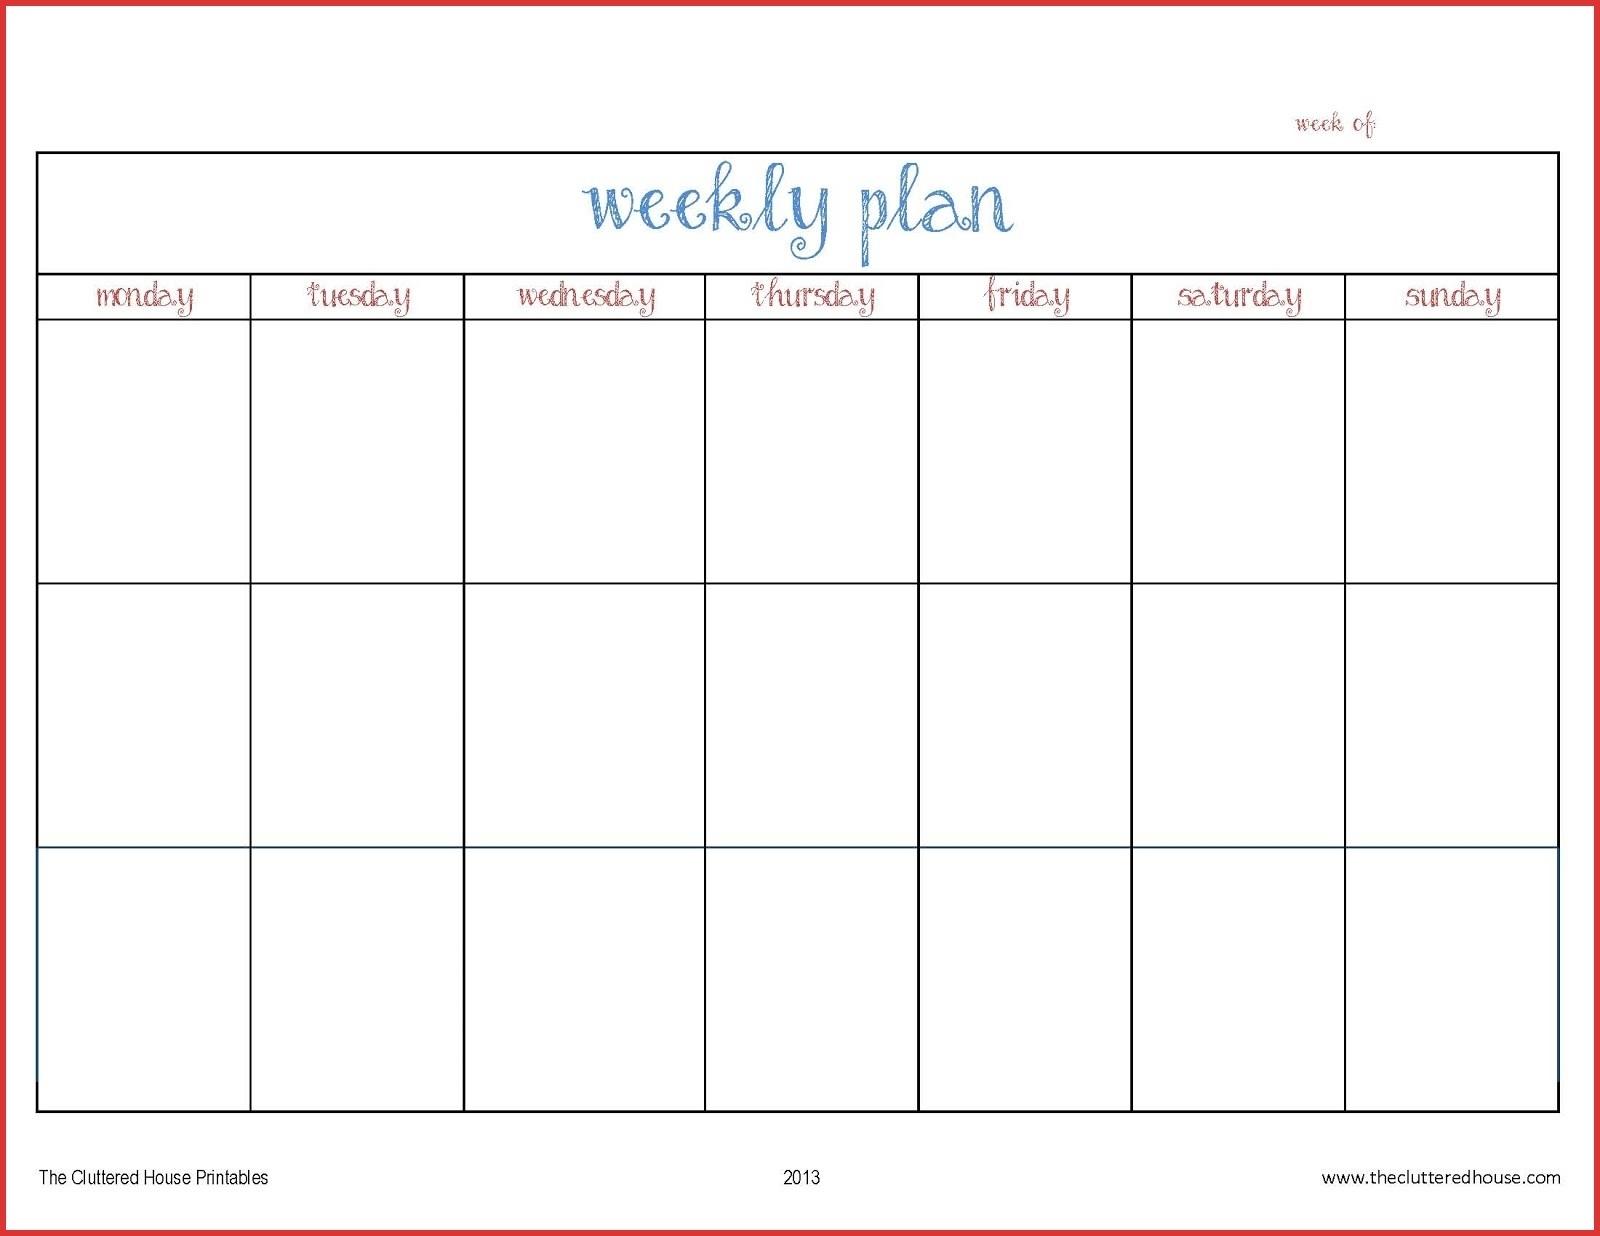 Weekweek Planner Template pertaining to Printable Weekly Planner For The Week